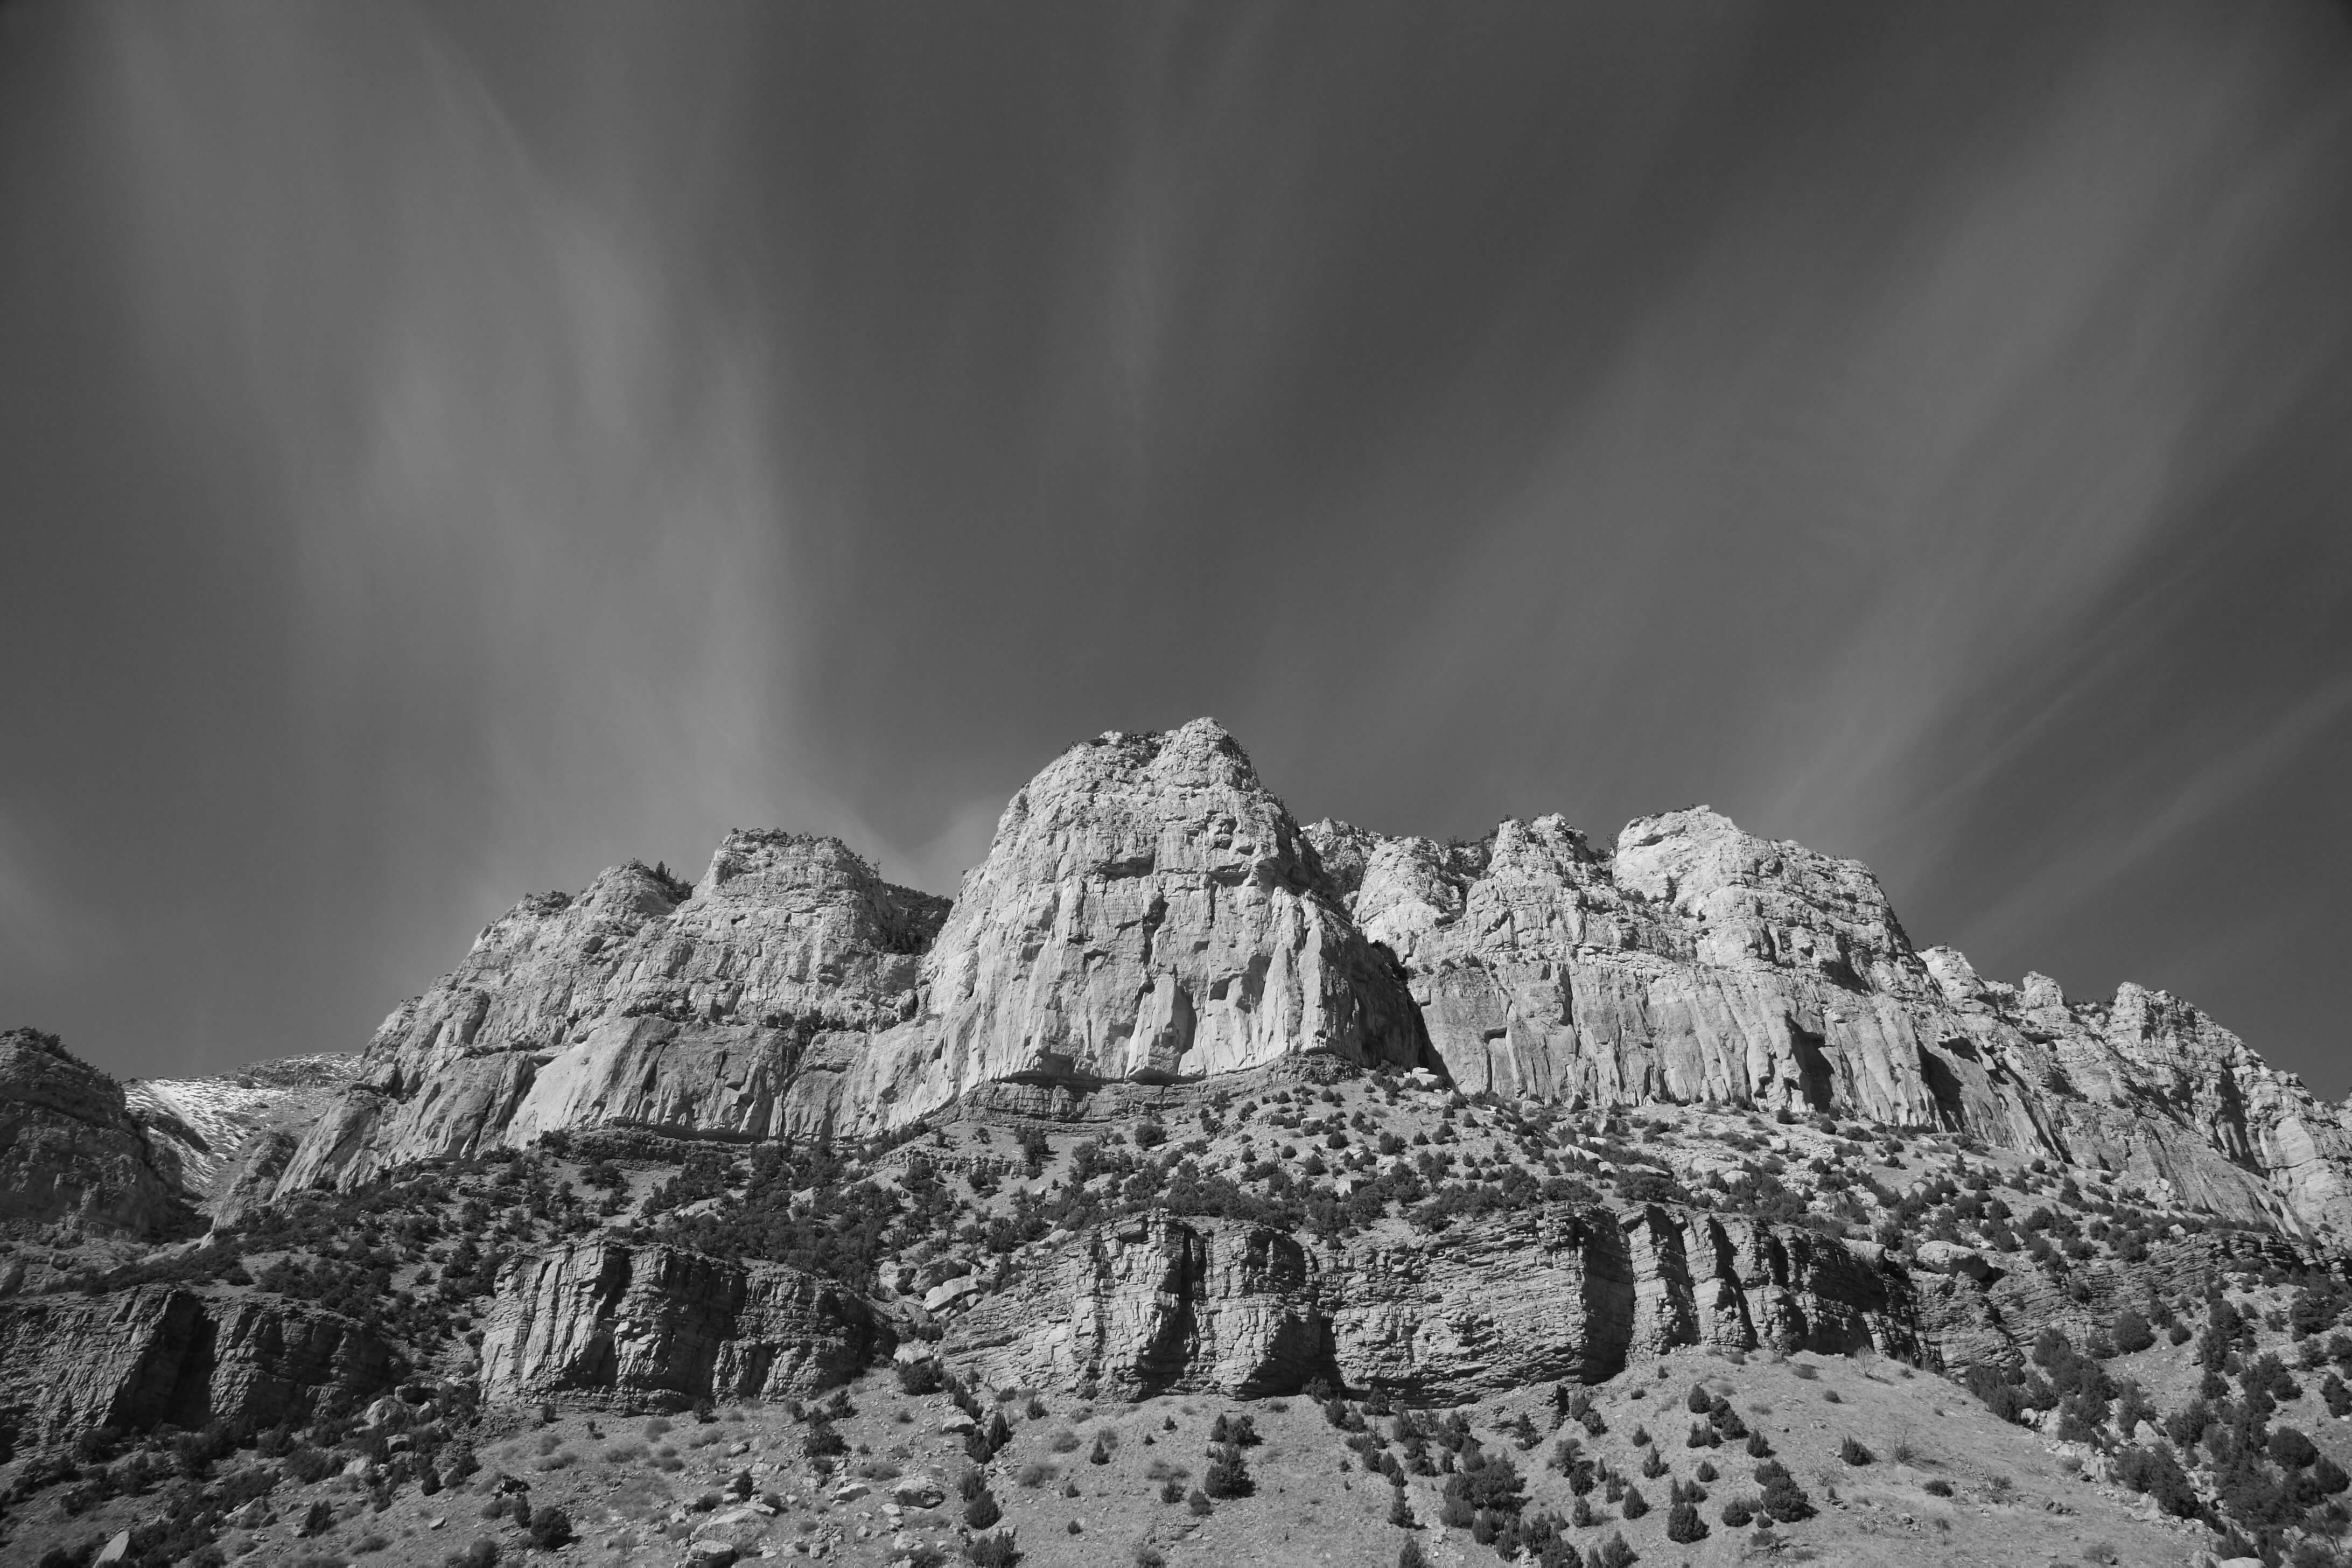 Desert_Image_BW.jpg